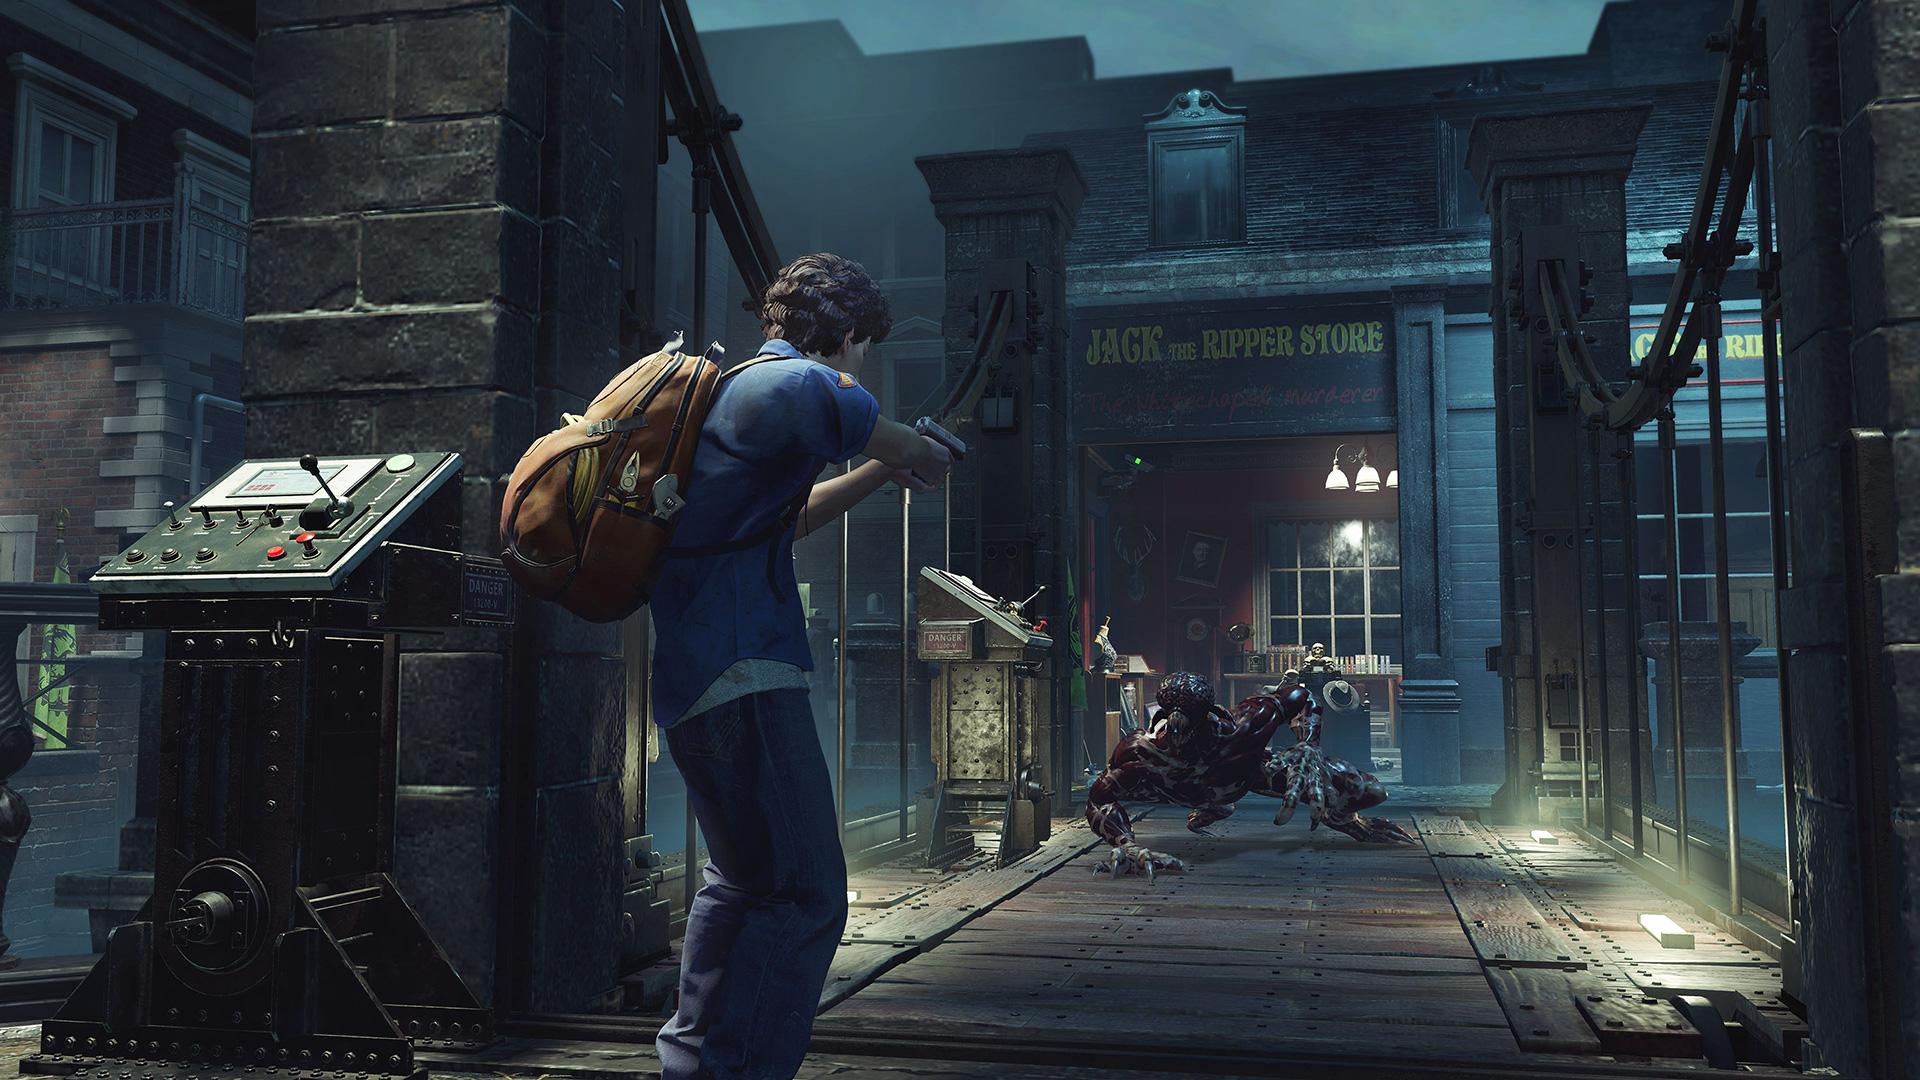 Resident Evil Resistance has fun ideas, but it's a bit of a mess screenshot